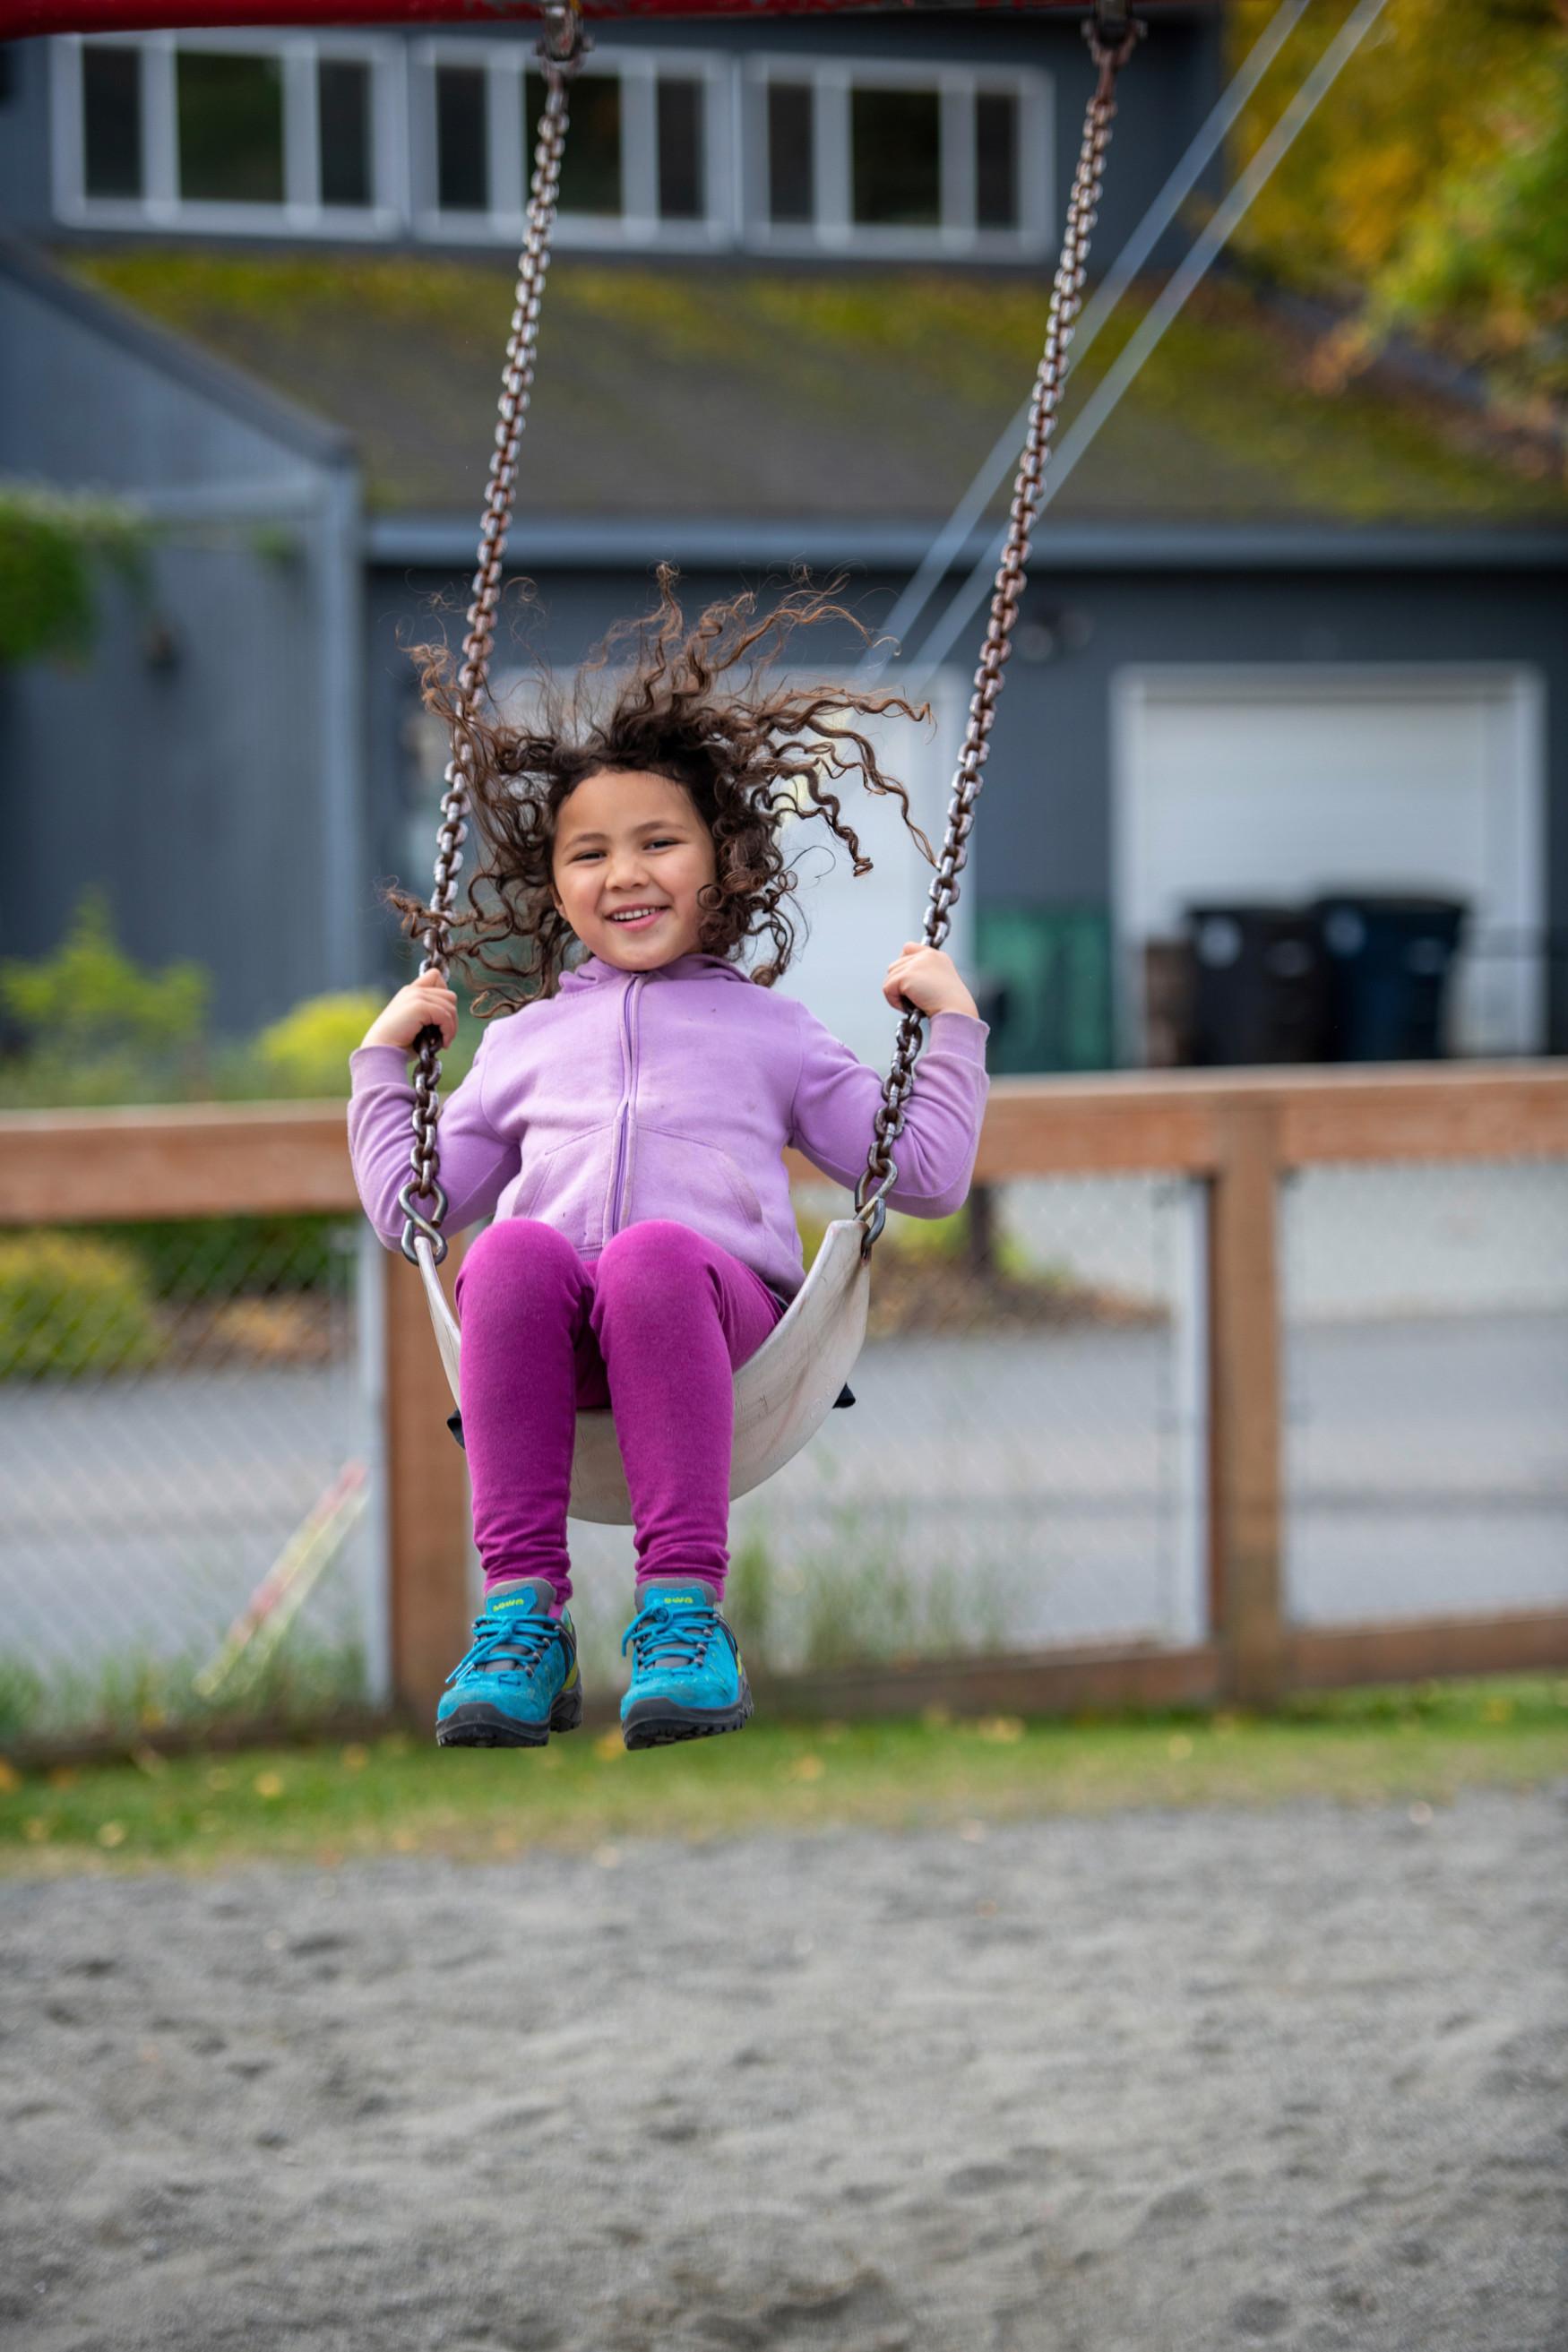 Als het gaat om de pasvorm van kinderschoenen, zijn compromissen niet mogelijk. Kinderchirurg en manueel therapeut Micha Bahr is daar meer dan overtuigd van en ontwikkelt daarom opnieuw samen met LOWA de LEDRO GTX® LO JUNIOR. De lage schoen, speciaal ontwikkeld voor de eisen die kindervoeten stellen, voldoet aan alle criteria van de specialist. Denk daarbij bijvoorbeeld aan een geoptimaliseerd afrolgedrag, de perfecte enkelstabilisatie dankzij de LOWA MONOWRAP®-opbouwzool en voldoende ruimte voor de tenen.